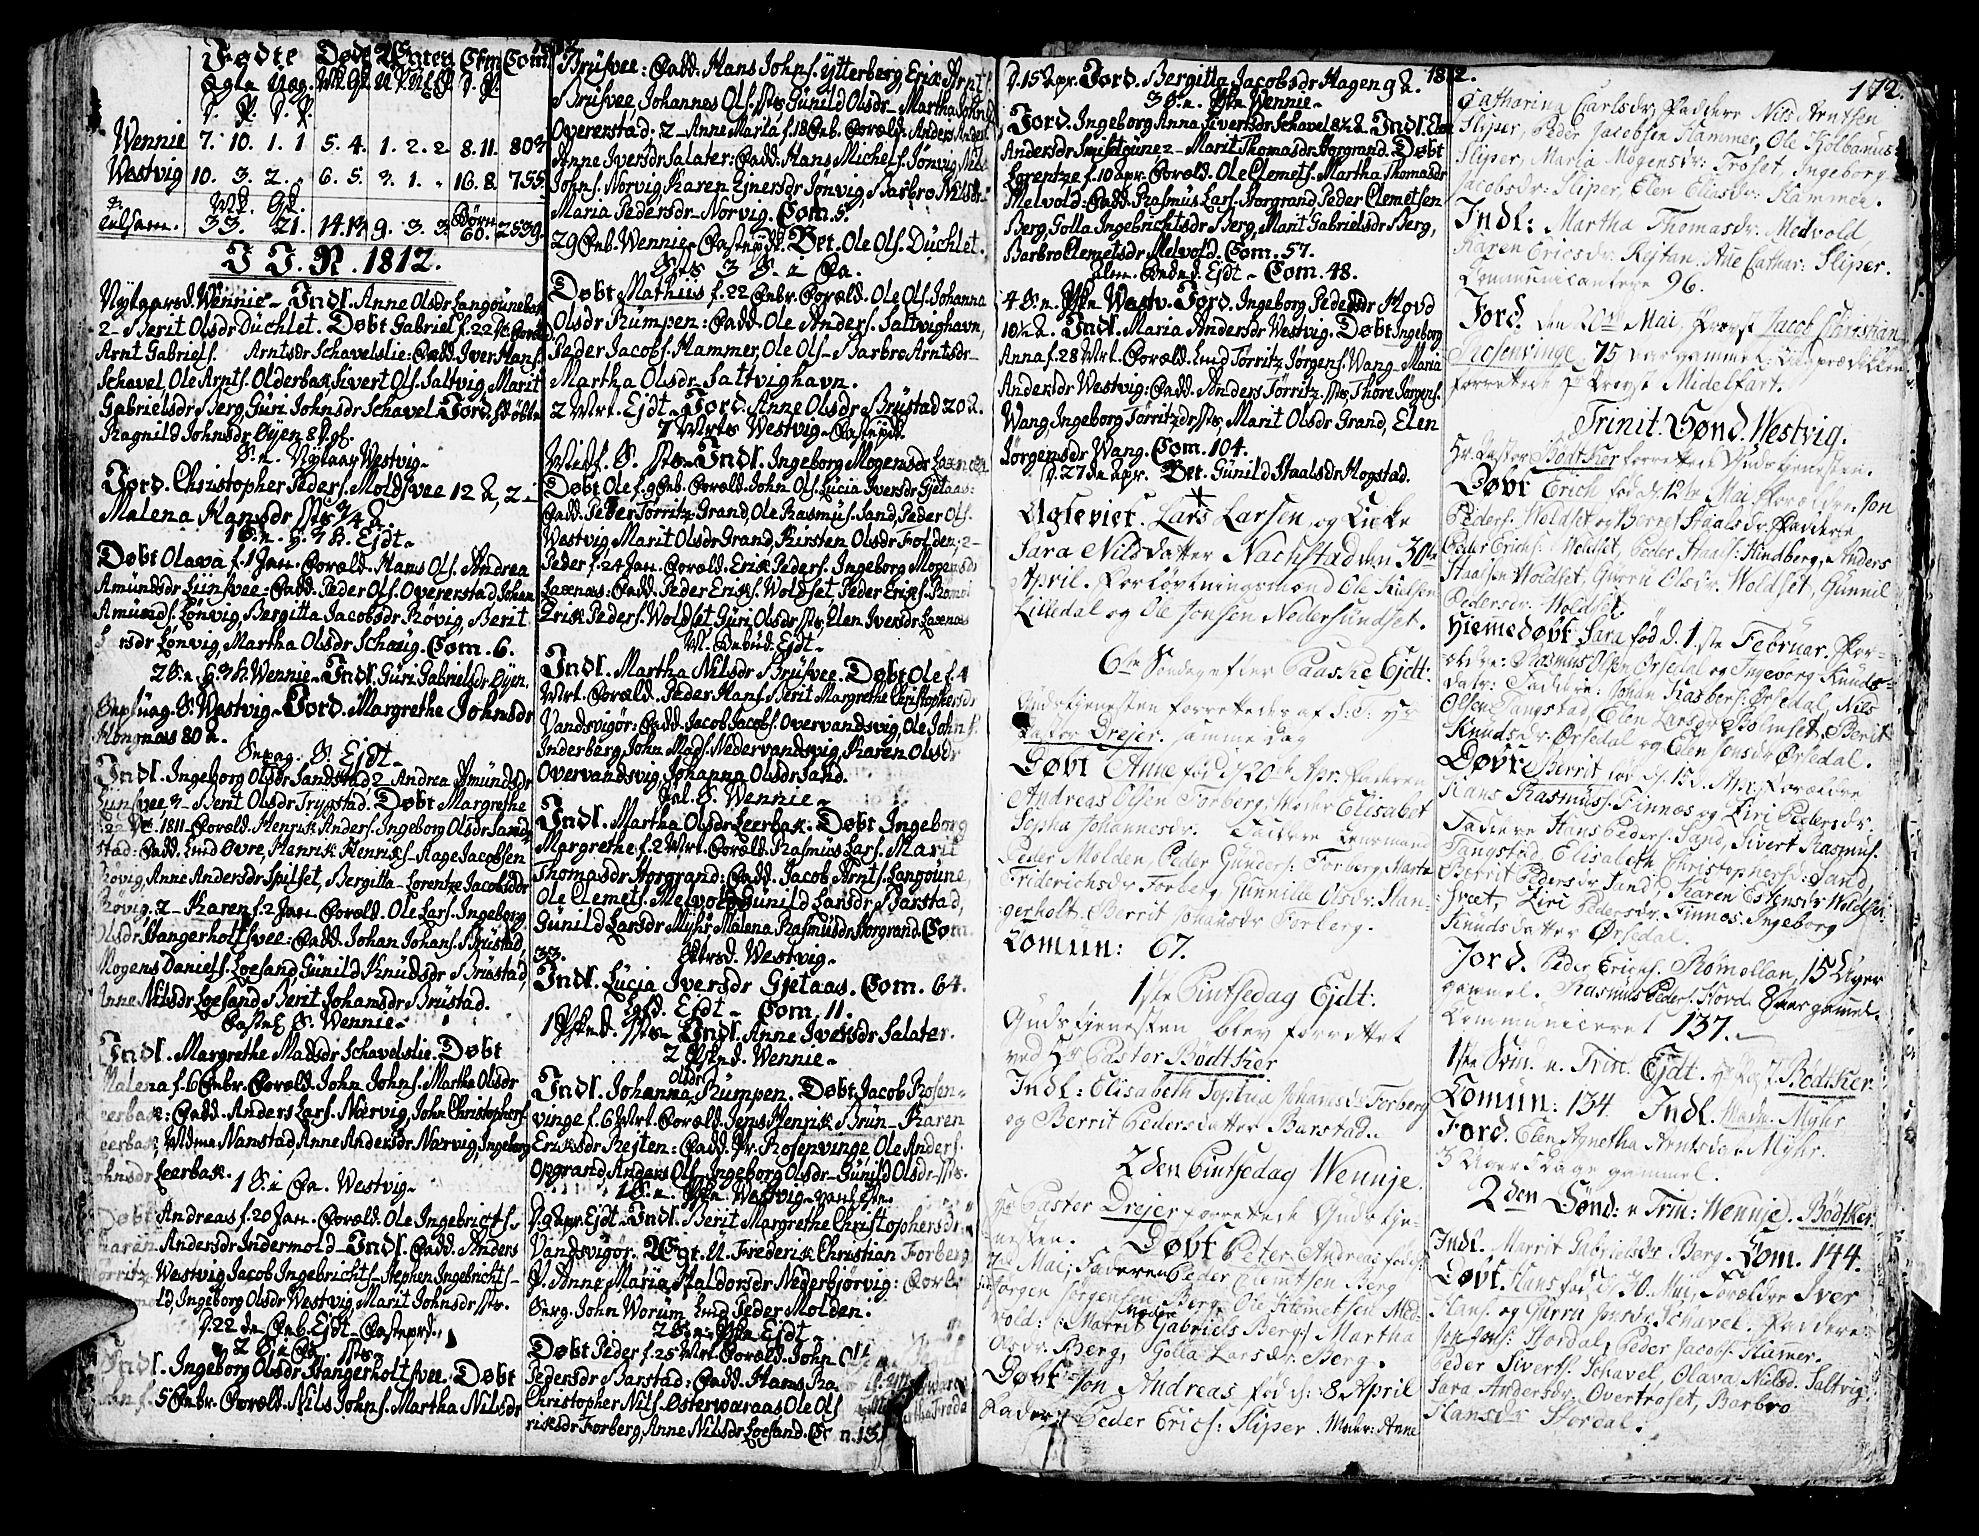 SAT, Ministerialprotokoller, klokkerbøker og fødselsregistre - Nord-Trøndelag, 722/L0216: Ministerialbok nr. 722A03, 1756-1816, s. 172